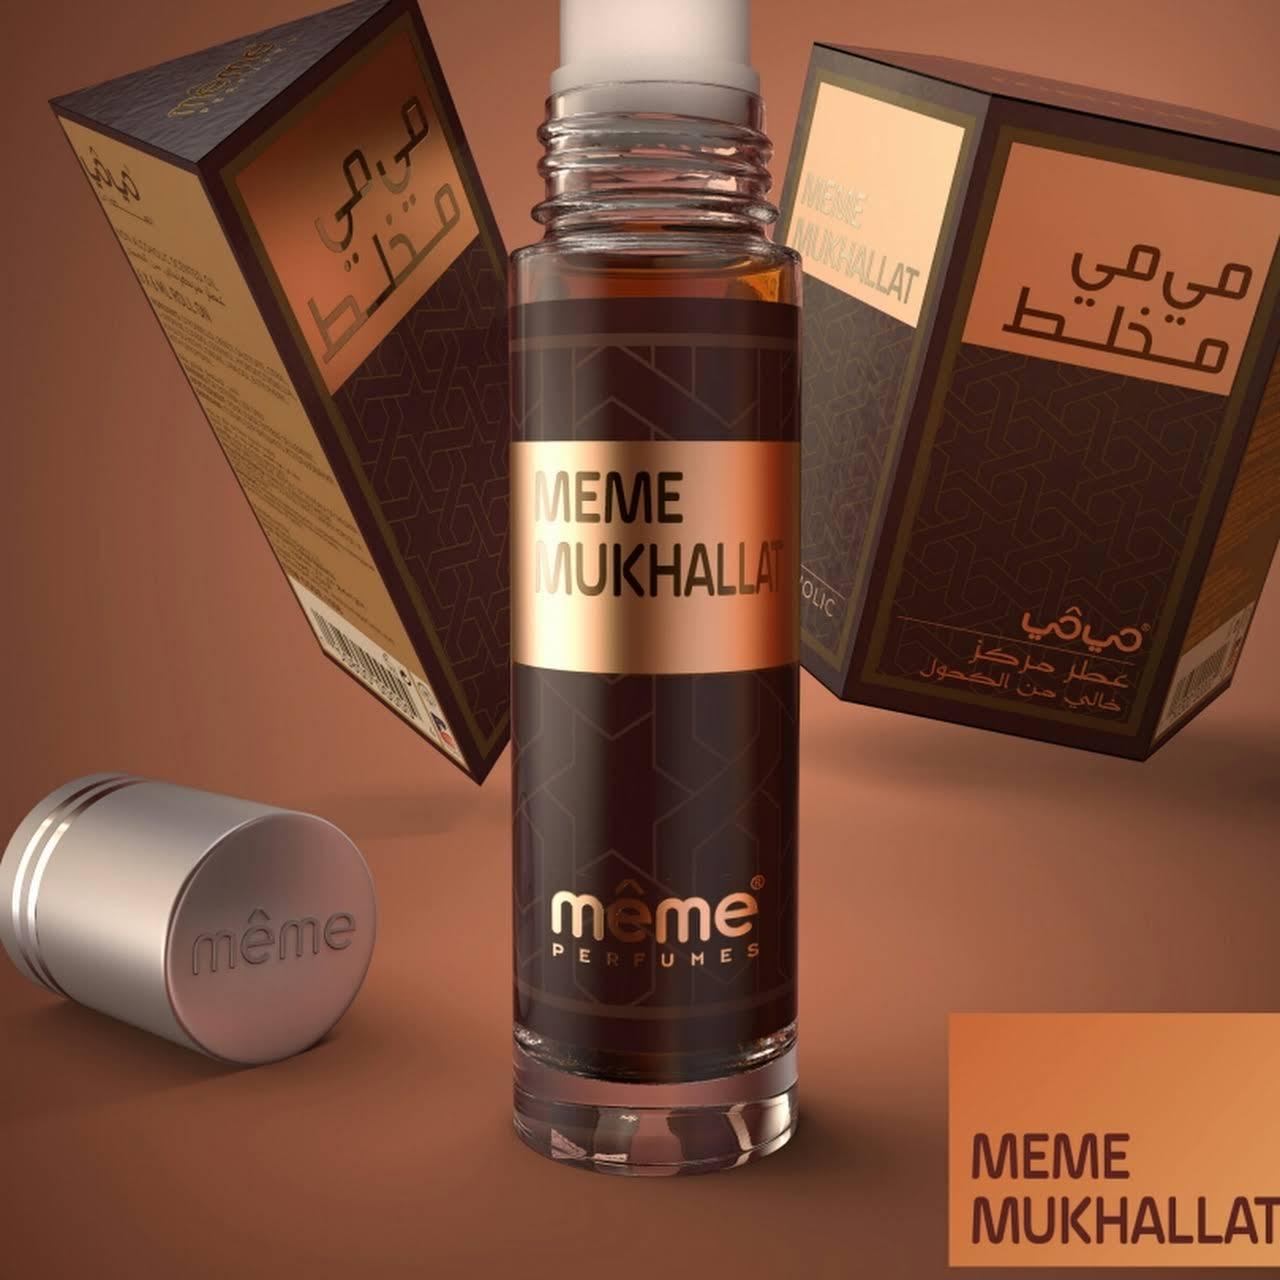 Meme Perfumes Perfume Store